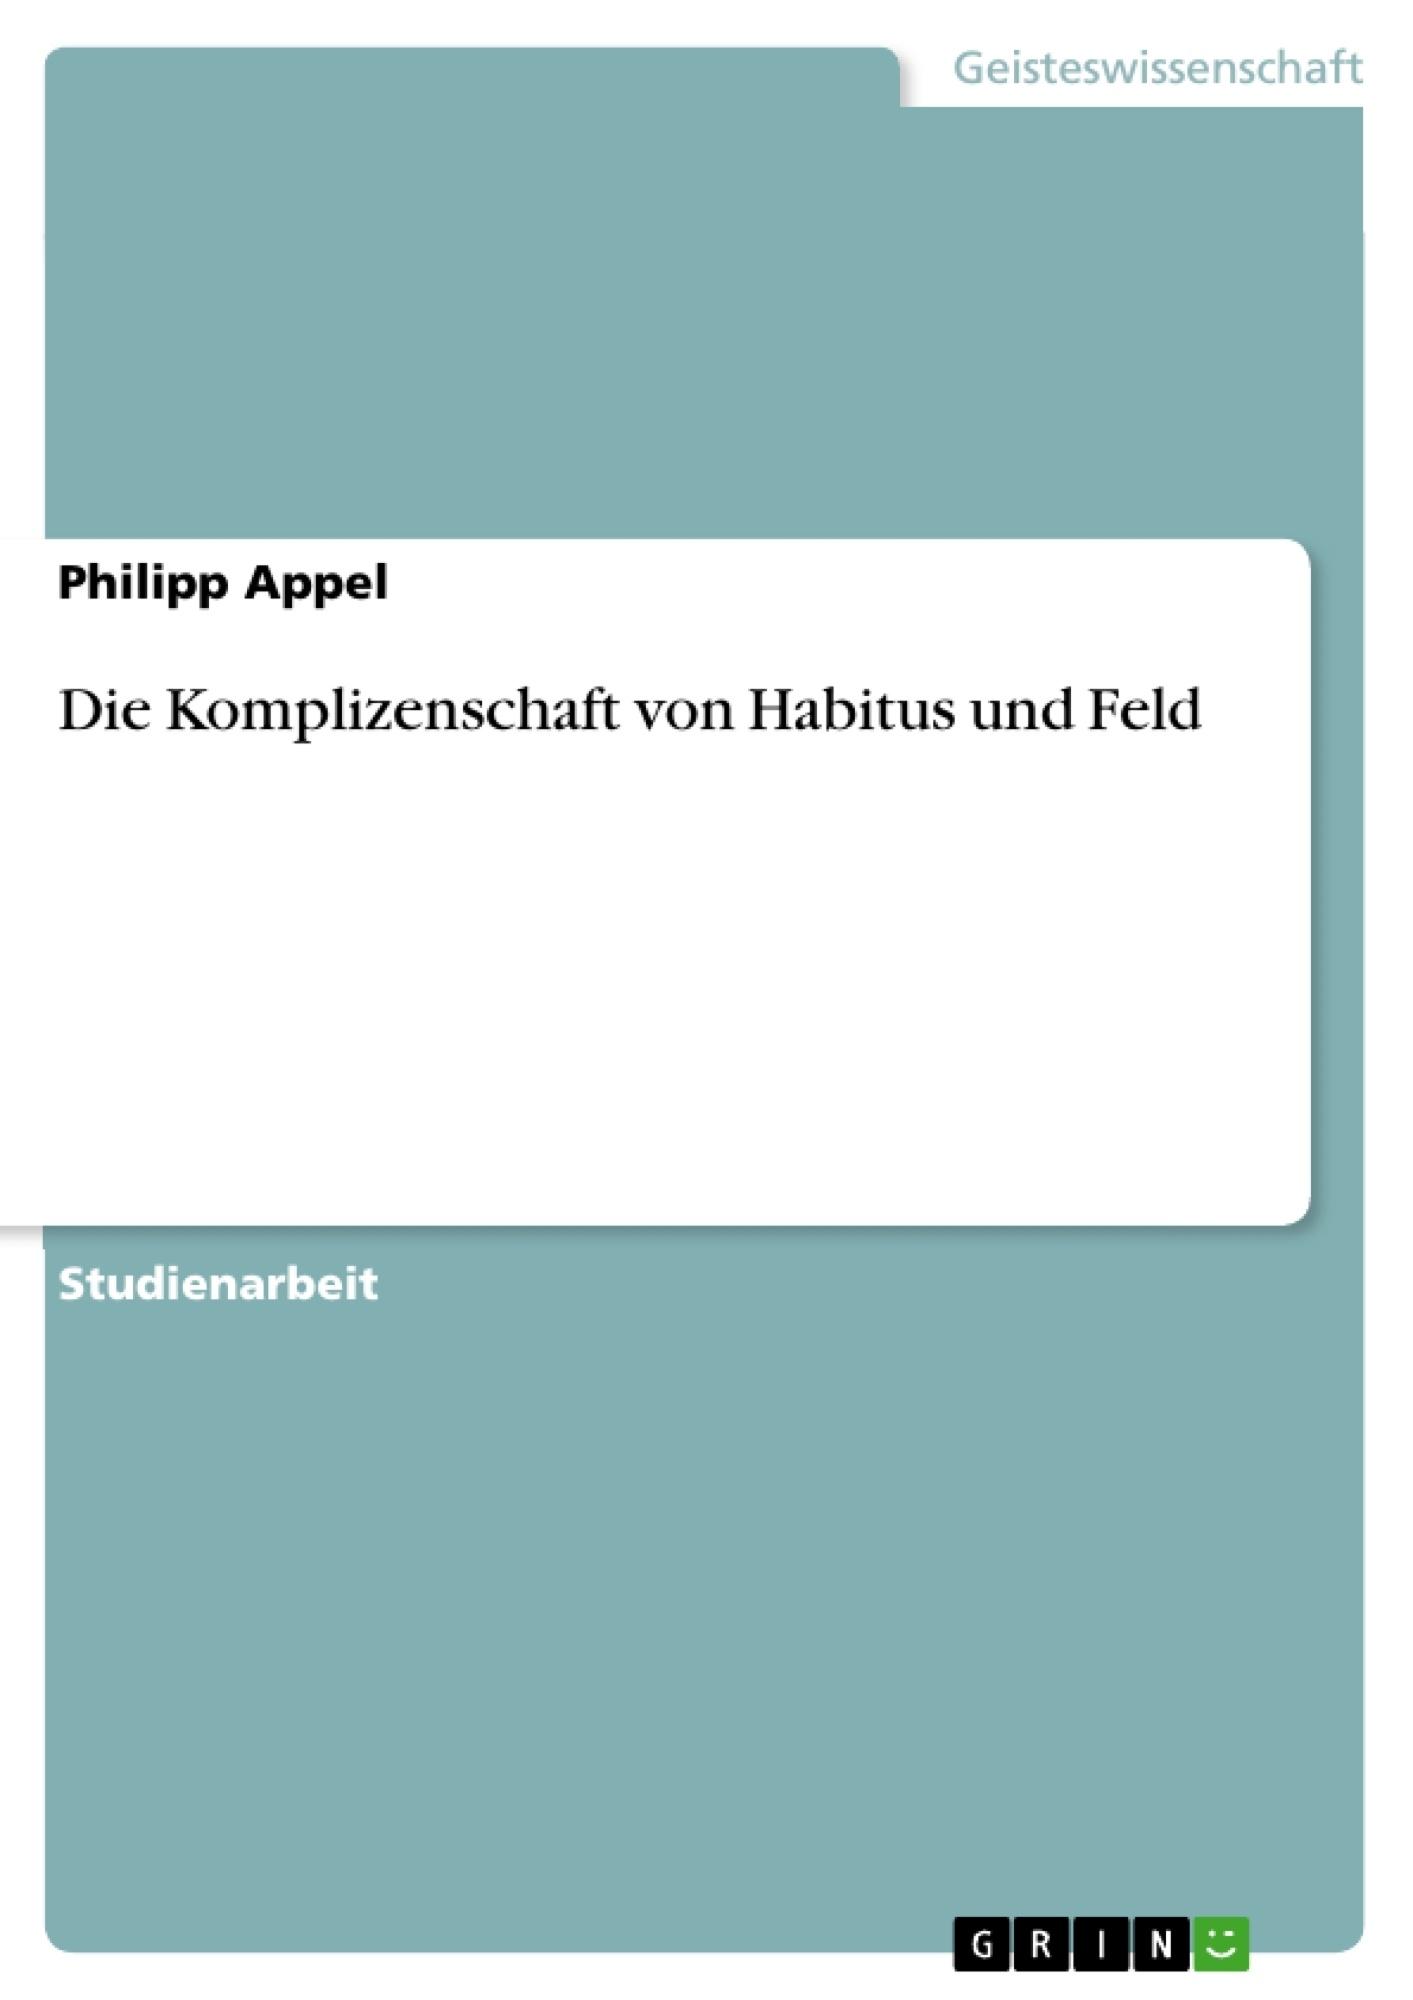 Titel: Die Komplizenschaft von Habitus und Feld